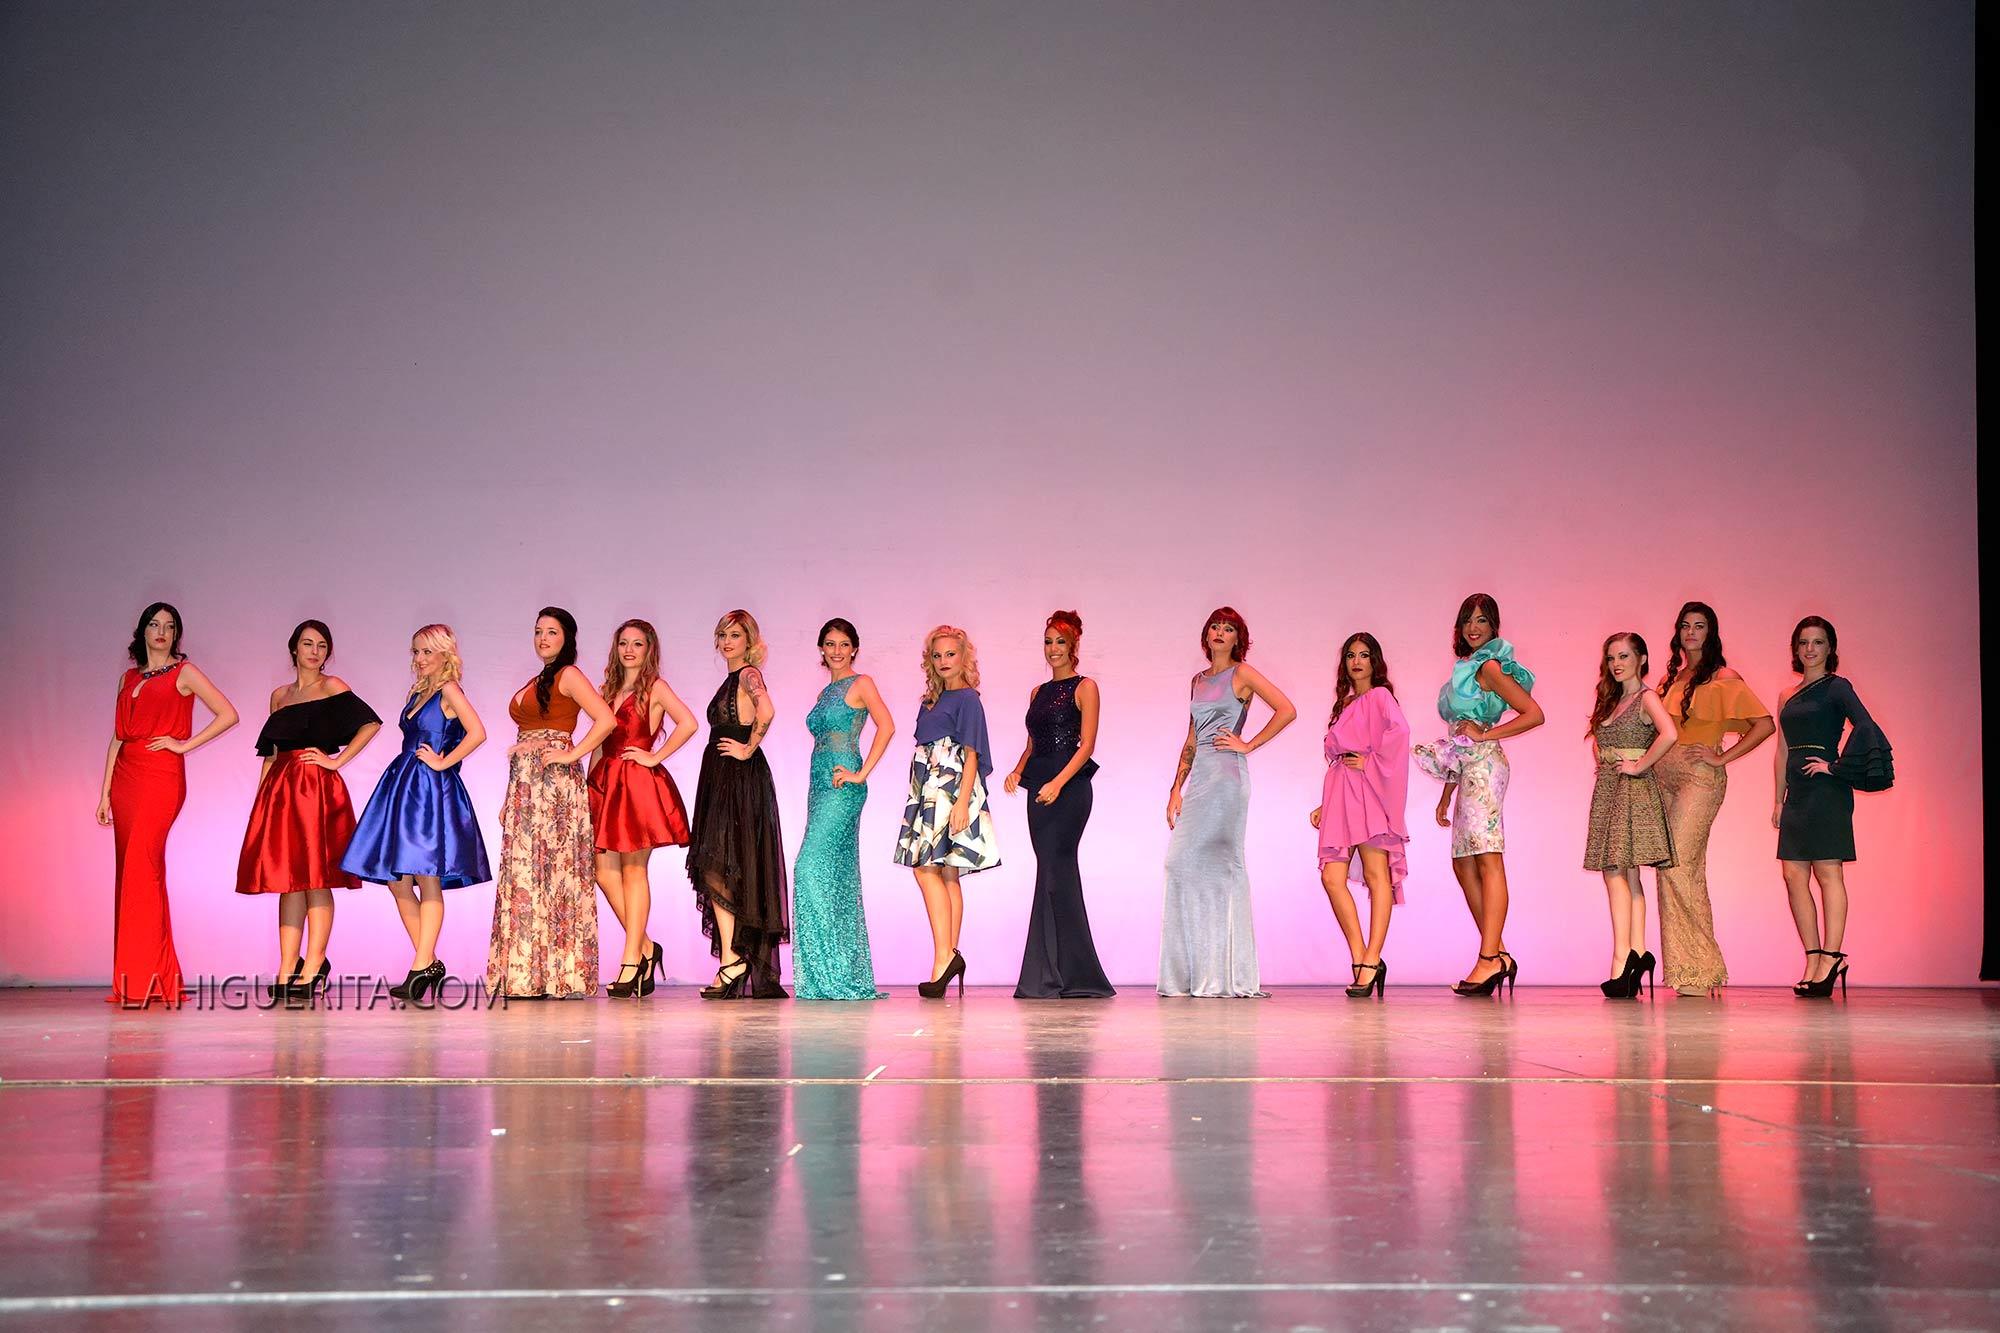 Miss Fotogénica Andaluza 2015 2ª parte